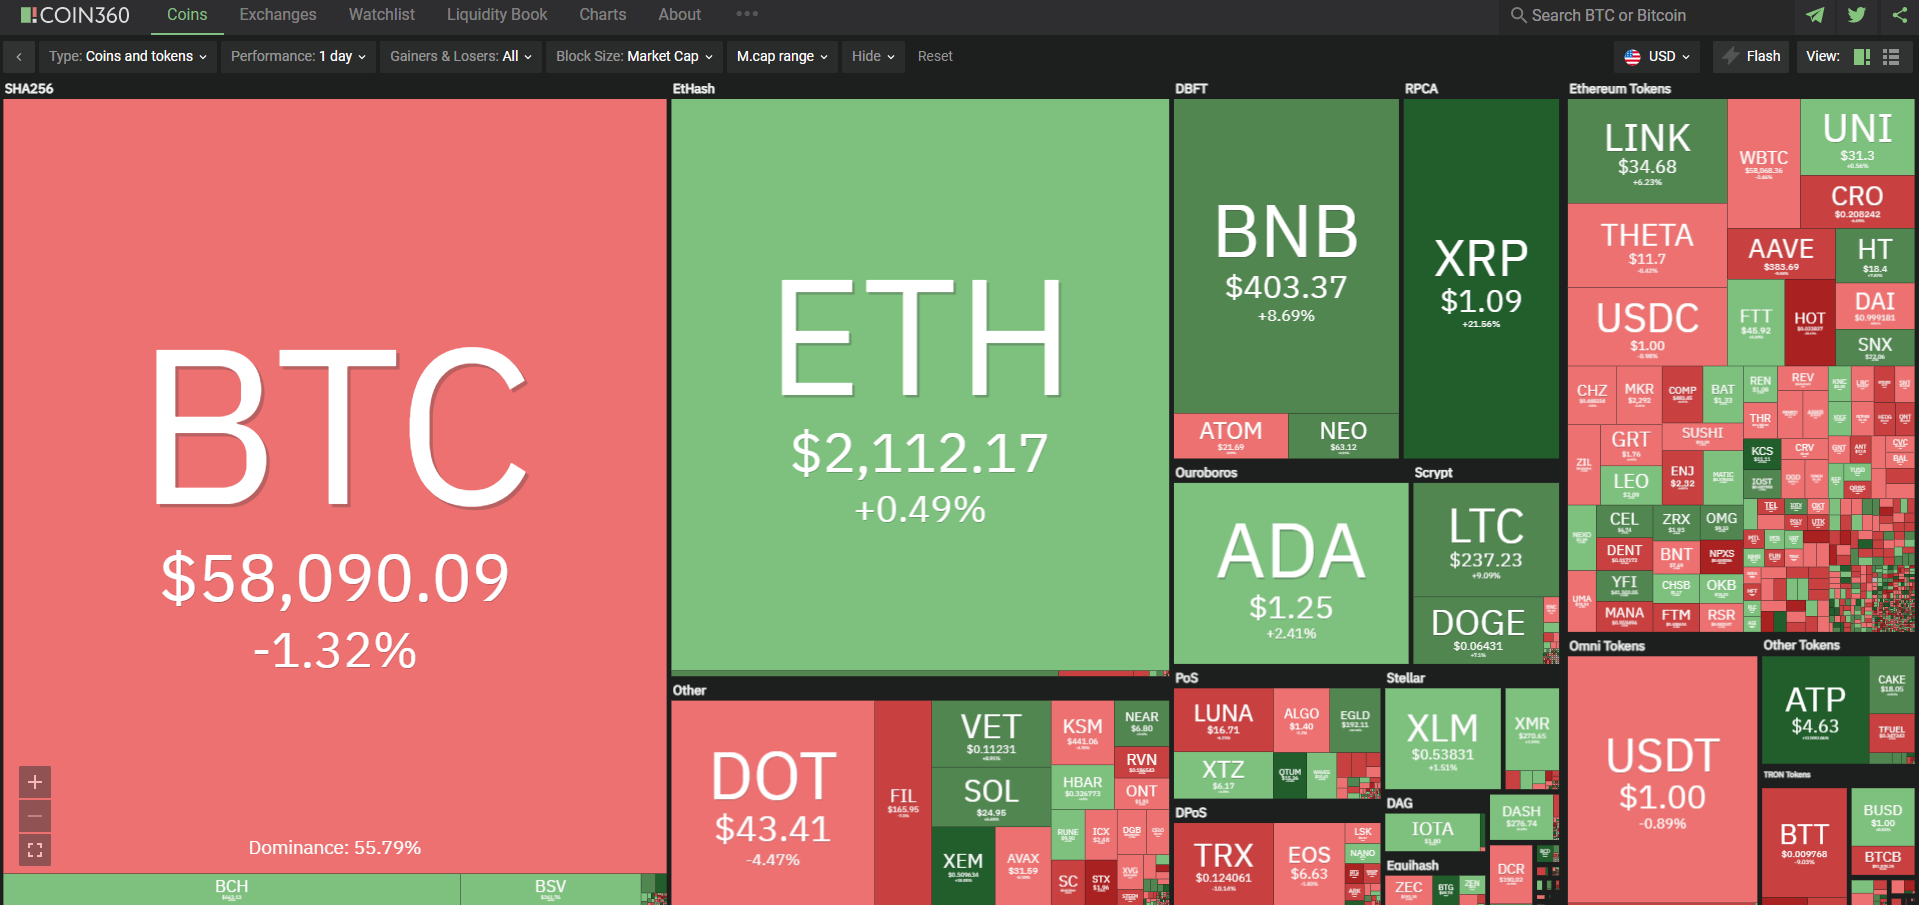 Toàn cảnh thị trường tiền kĩ thuật số ngày 7/4/2021. (Ảnh: Coin360.com).